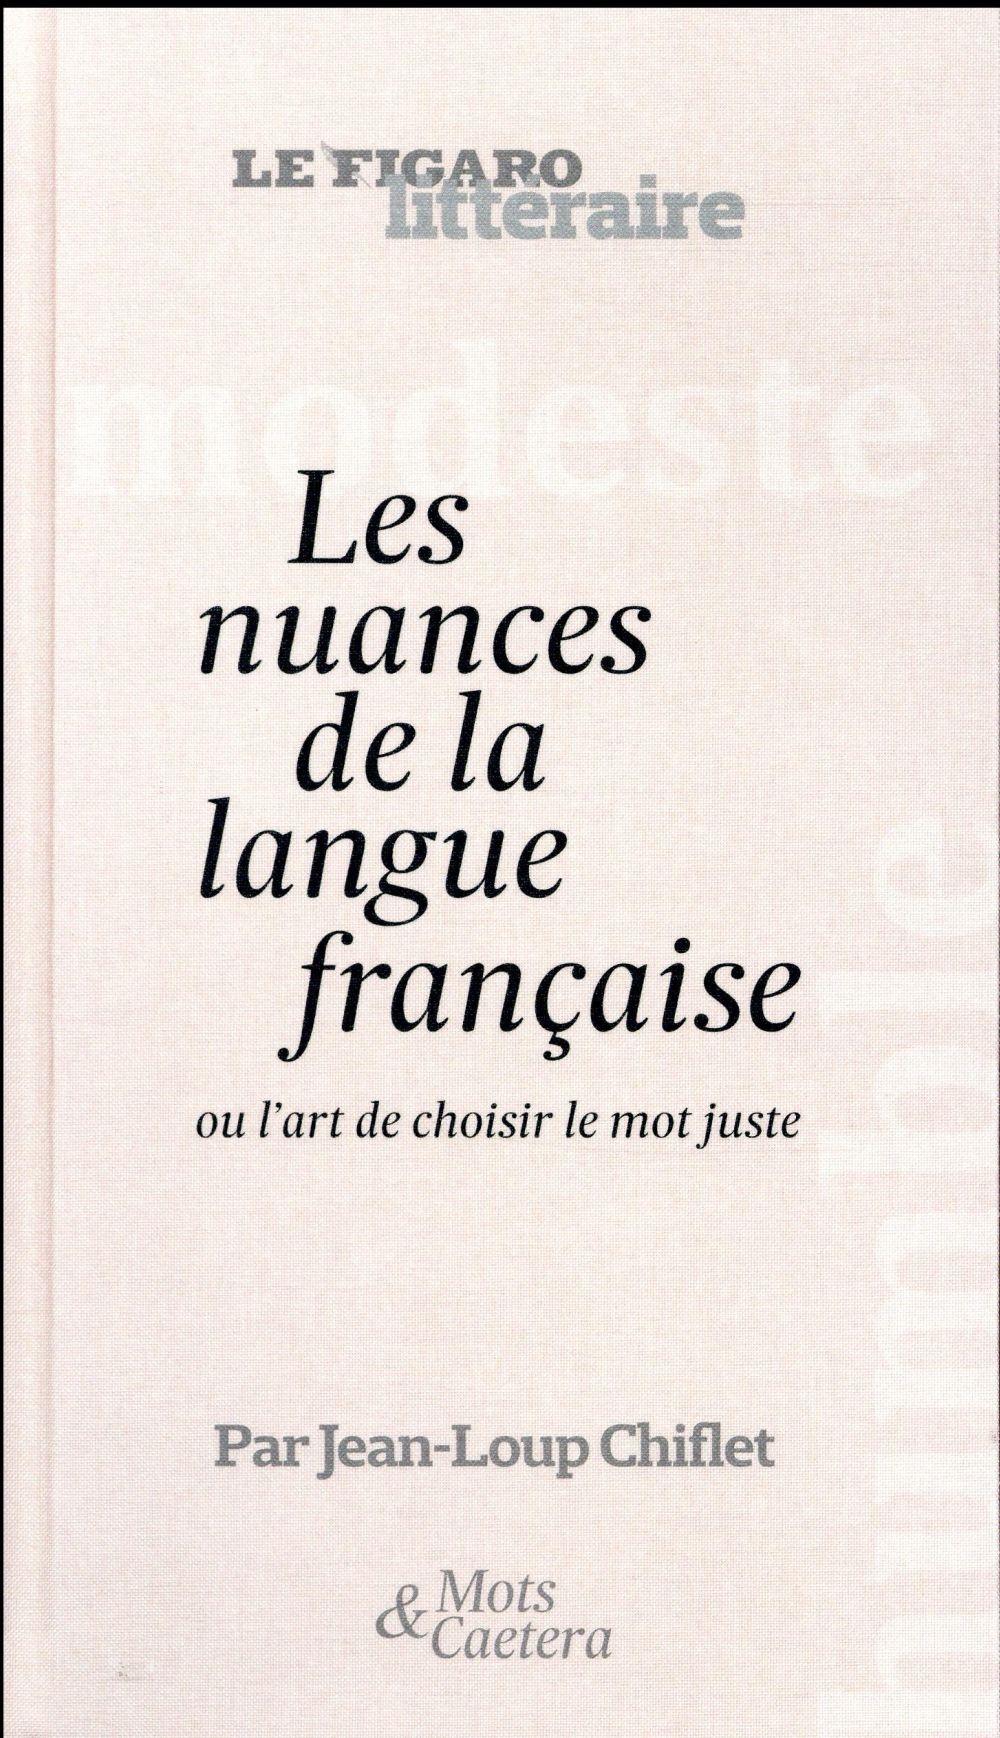 LES NUANCES DE LA LANGUE FRANCAISE